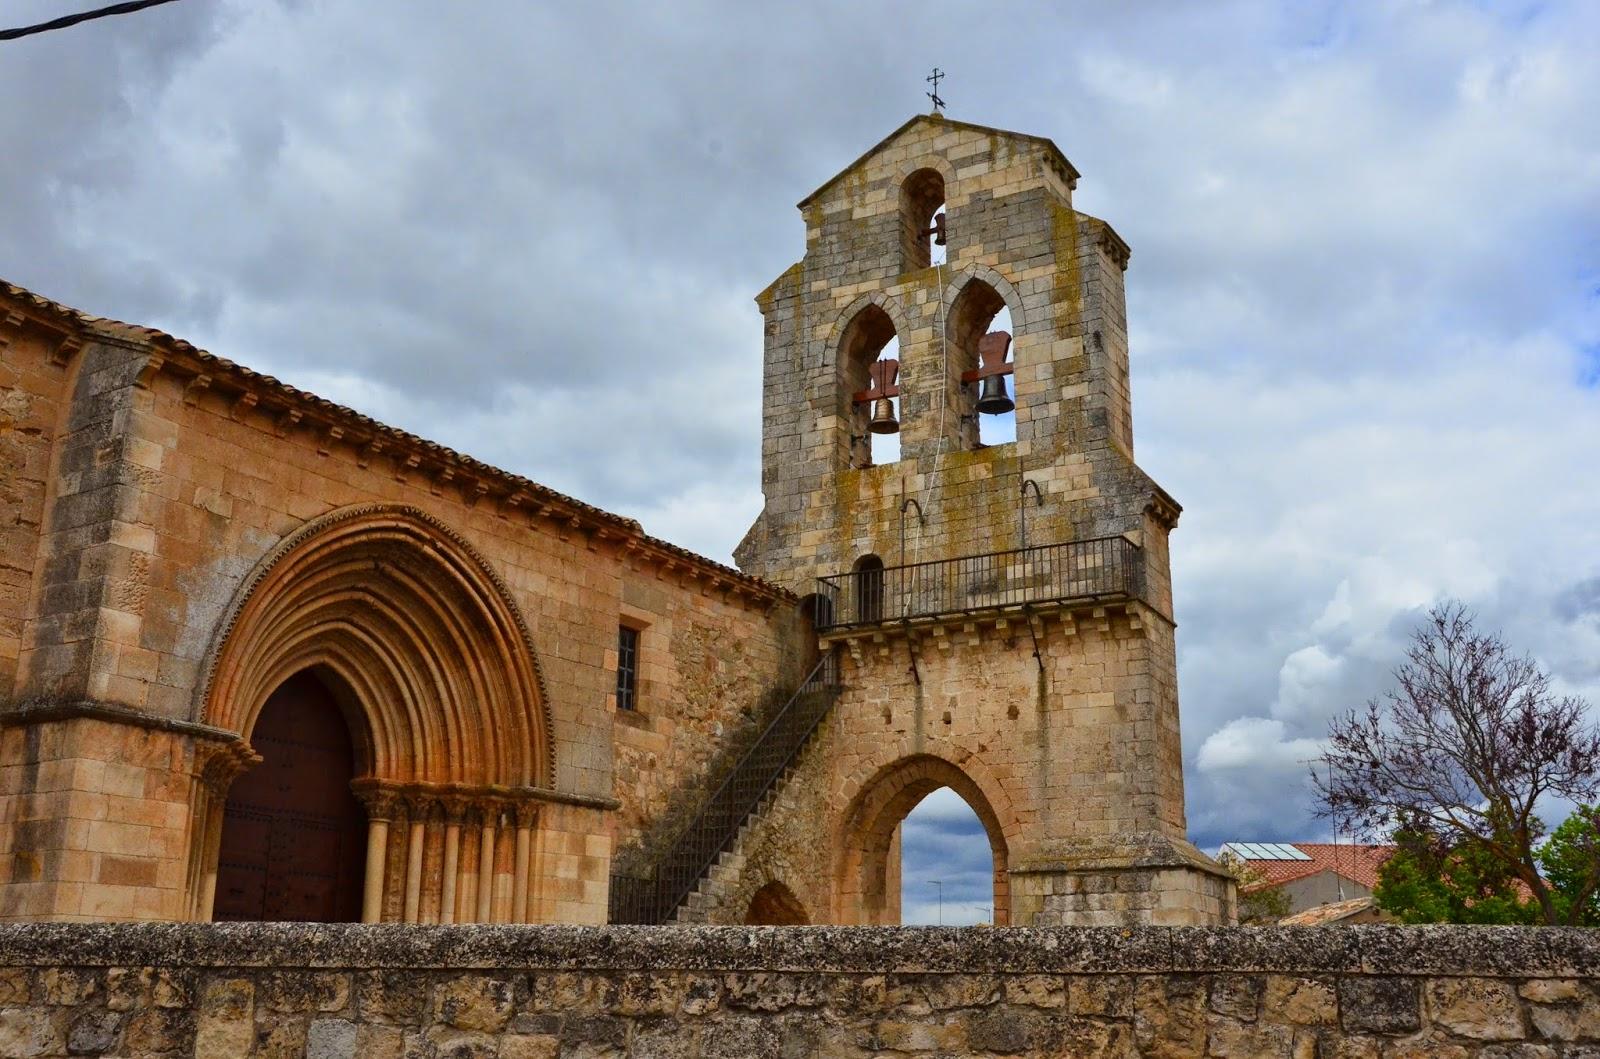 iglesia_de_Arcas_Cuenca_Semana_musica_religiosa_mirandoacuenca.es